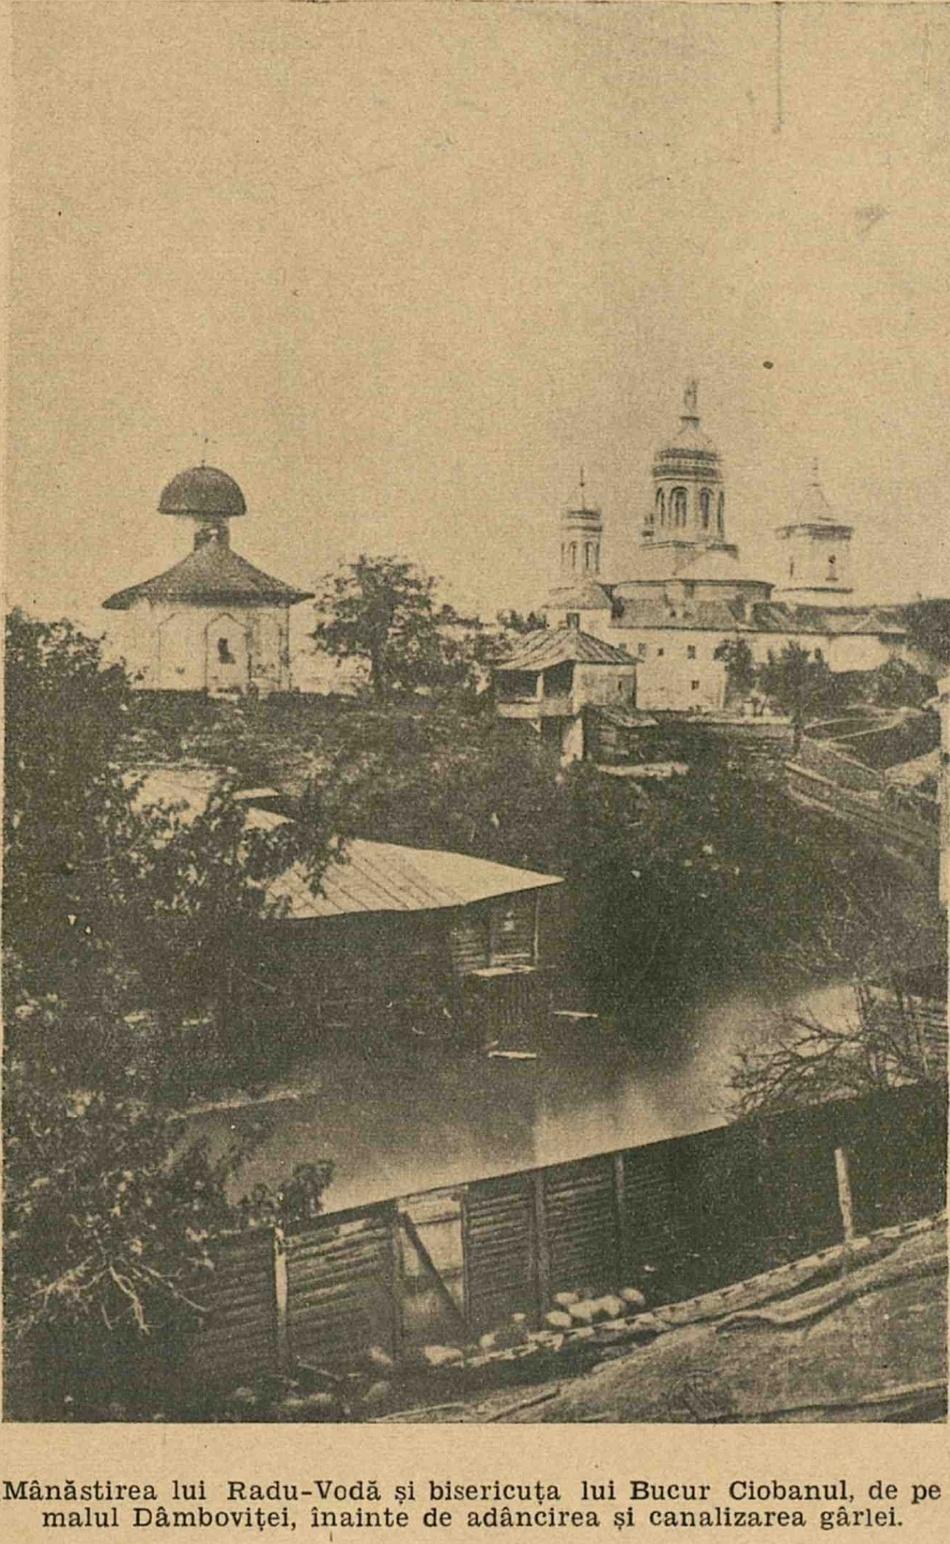 Bisericuţa lui Bucur şi Mânăstirea Radu Vodă